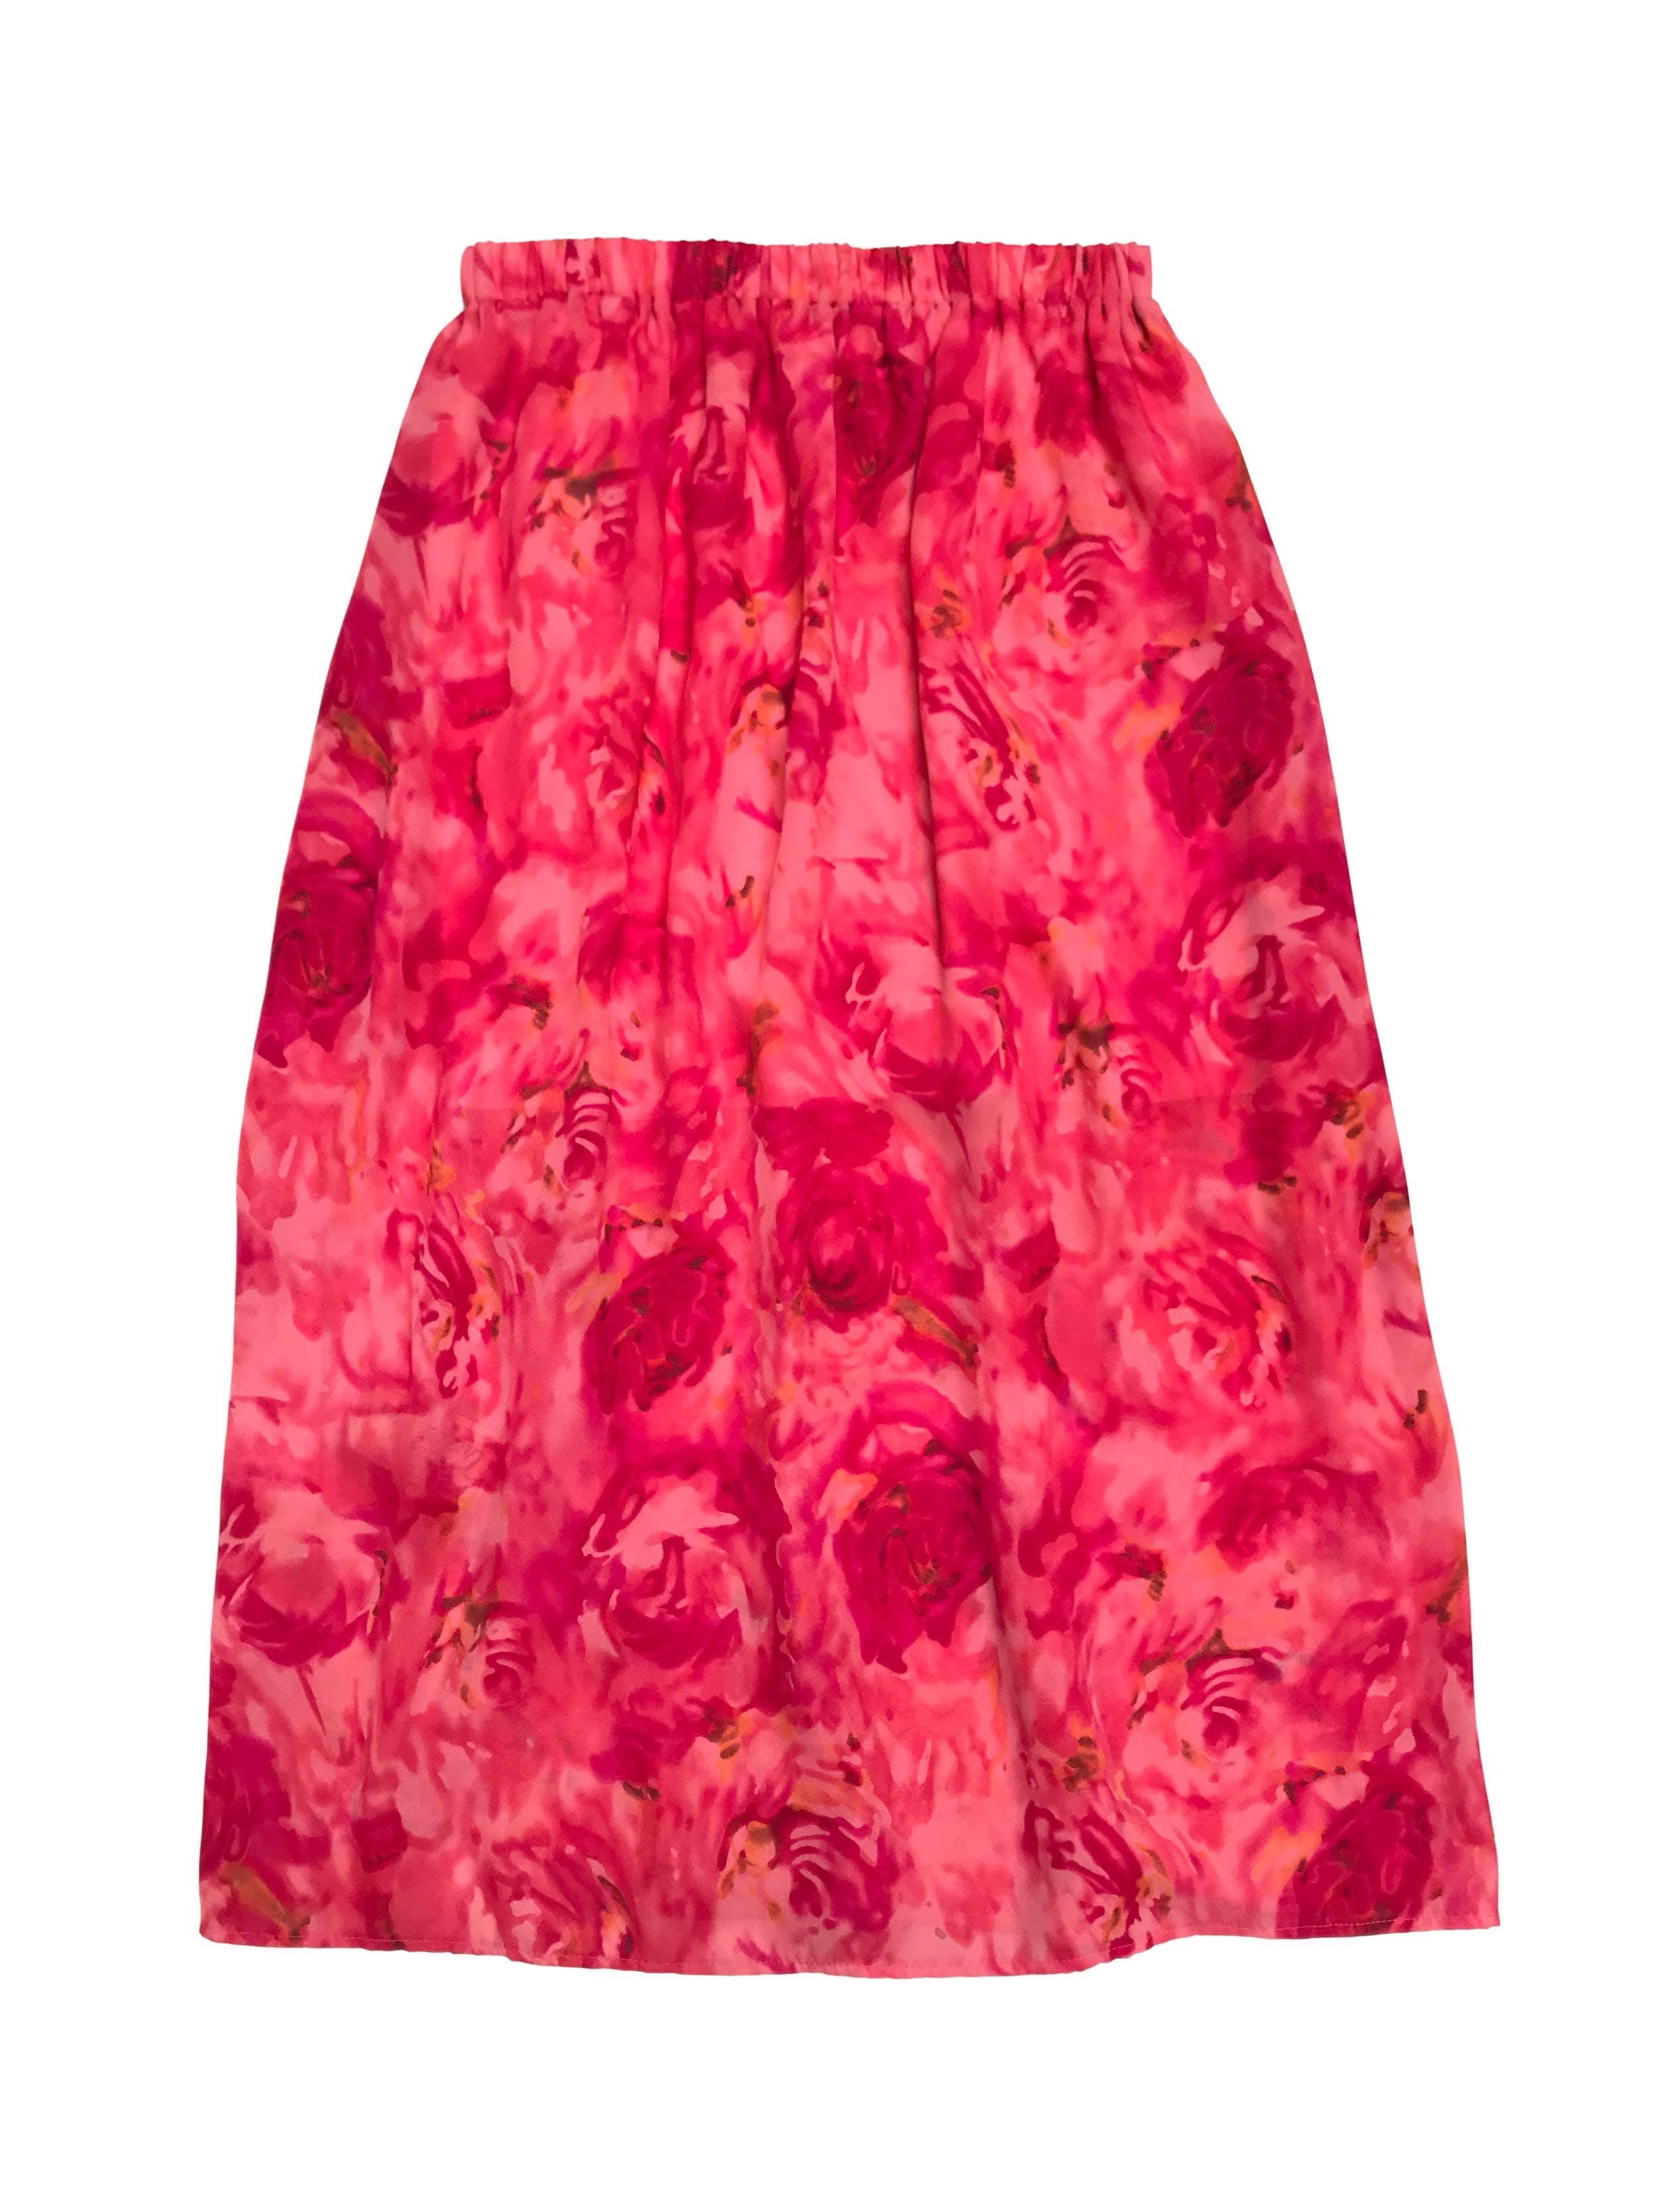 Falda larga de crepé rosa y fucsia, lleva forro y pretina elástica. Cintura 80cm din estirar Largo 92cm